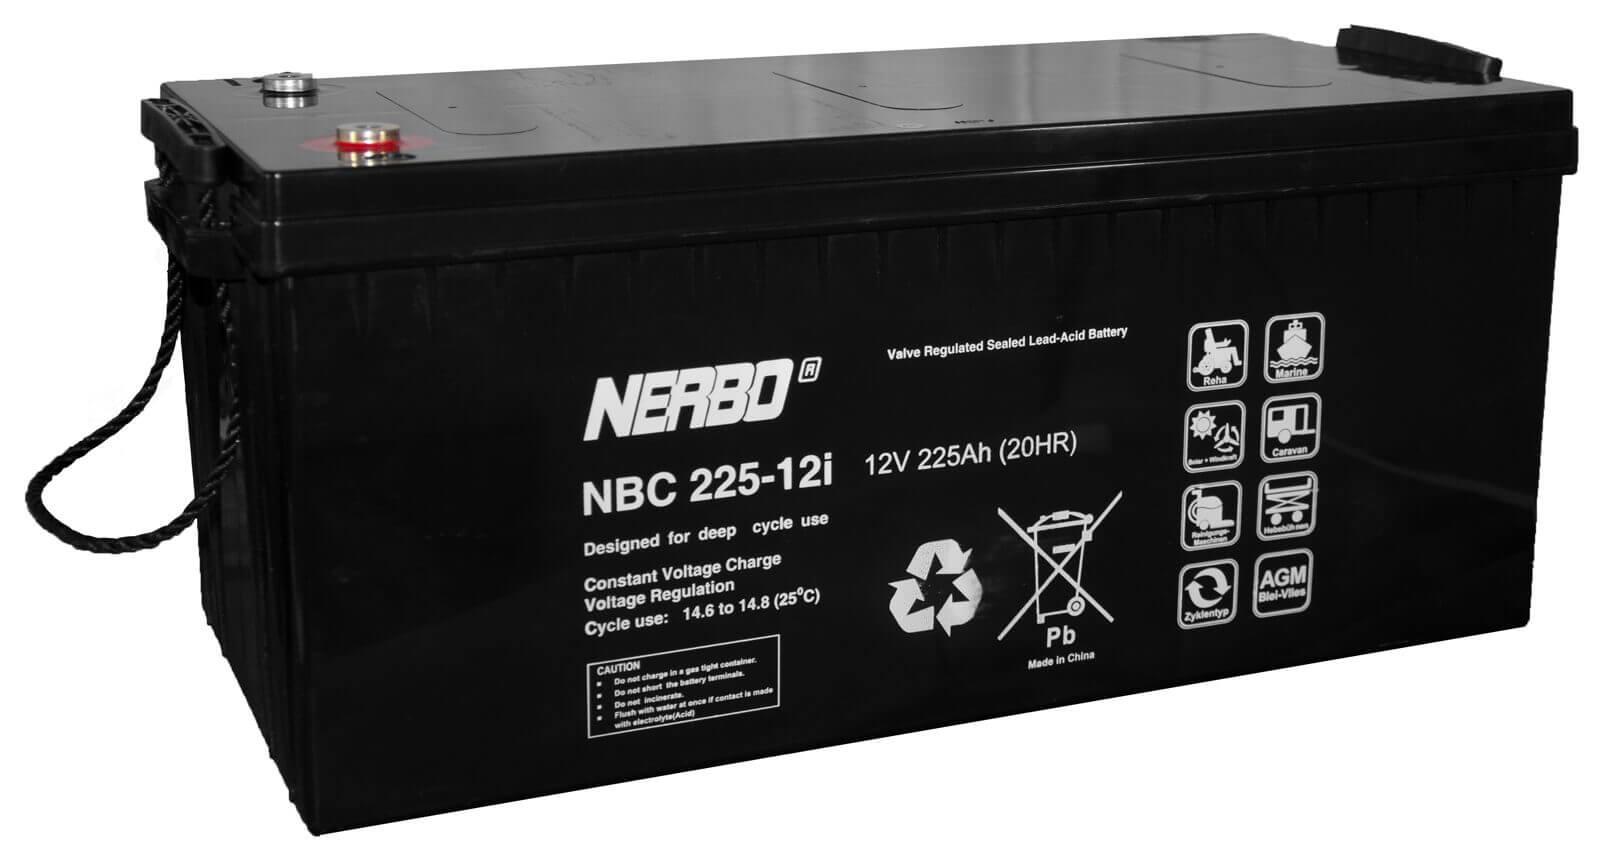 Nerbo NBC 225-12i - 12V 225Ah VRLA-AGM Akku Batterie Zyklentyp